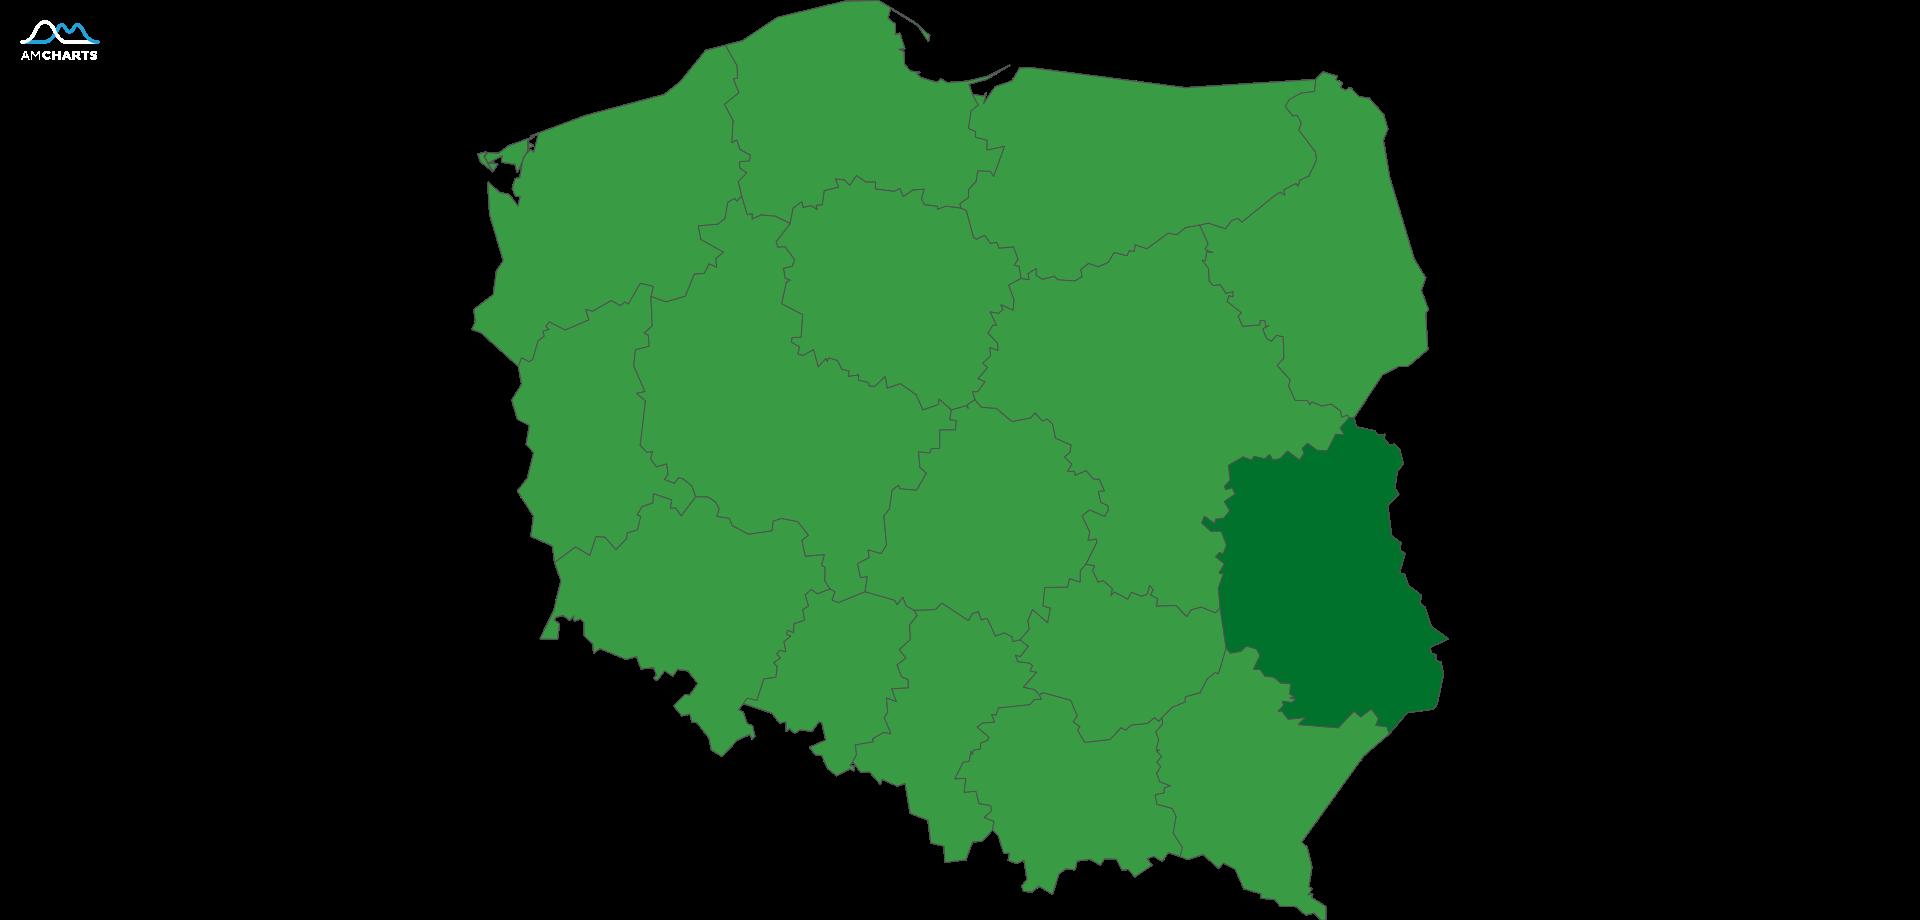 mapa wojewodztwo lubelskie